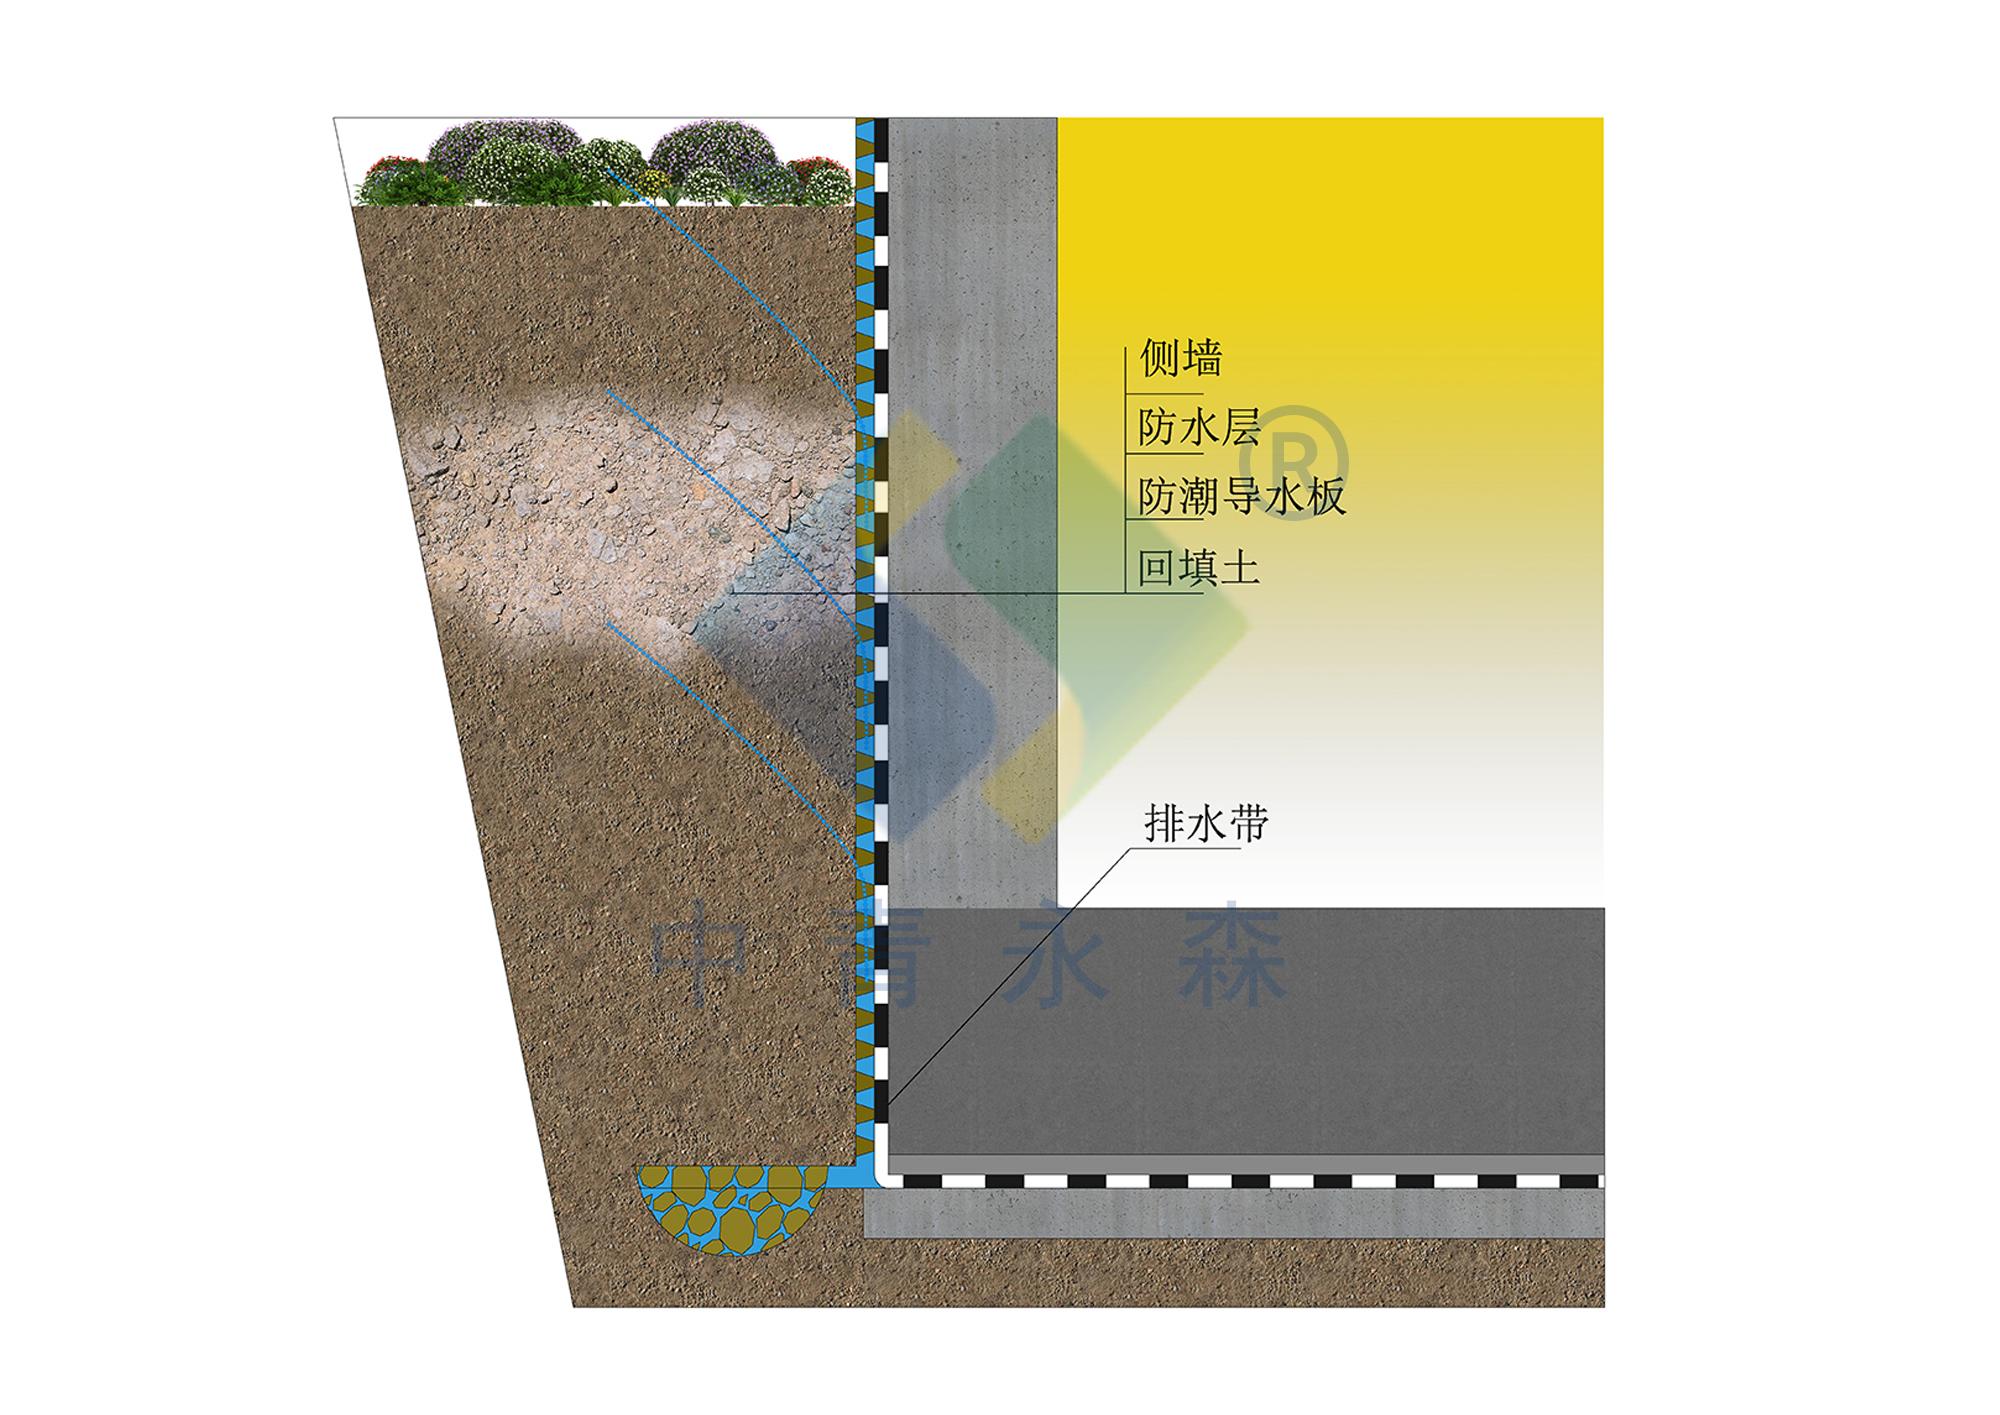 地库底板侧墙防潮导水系统